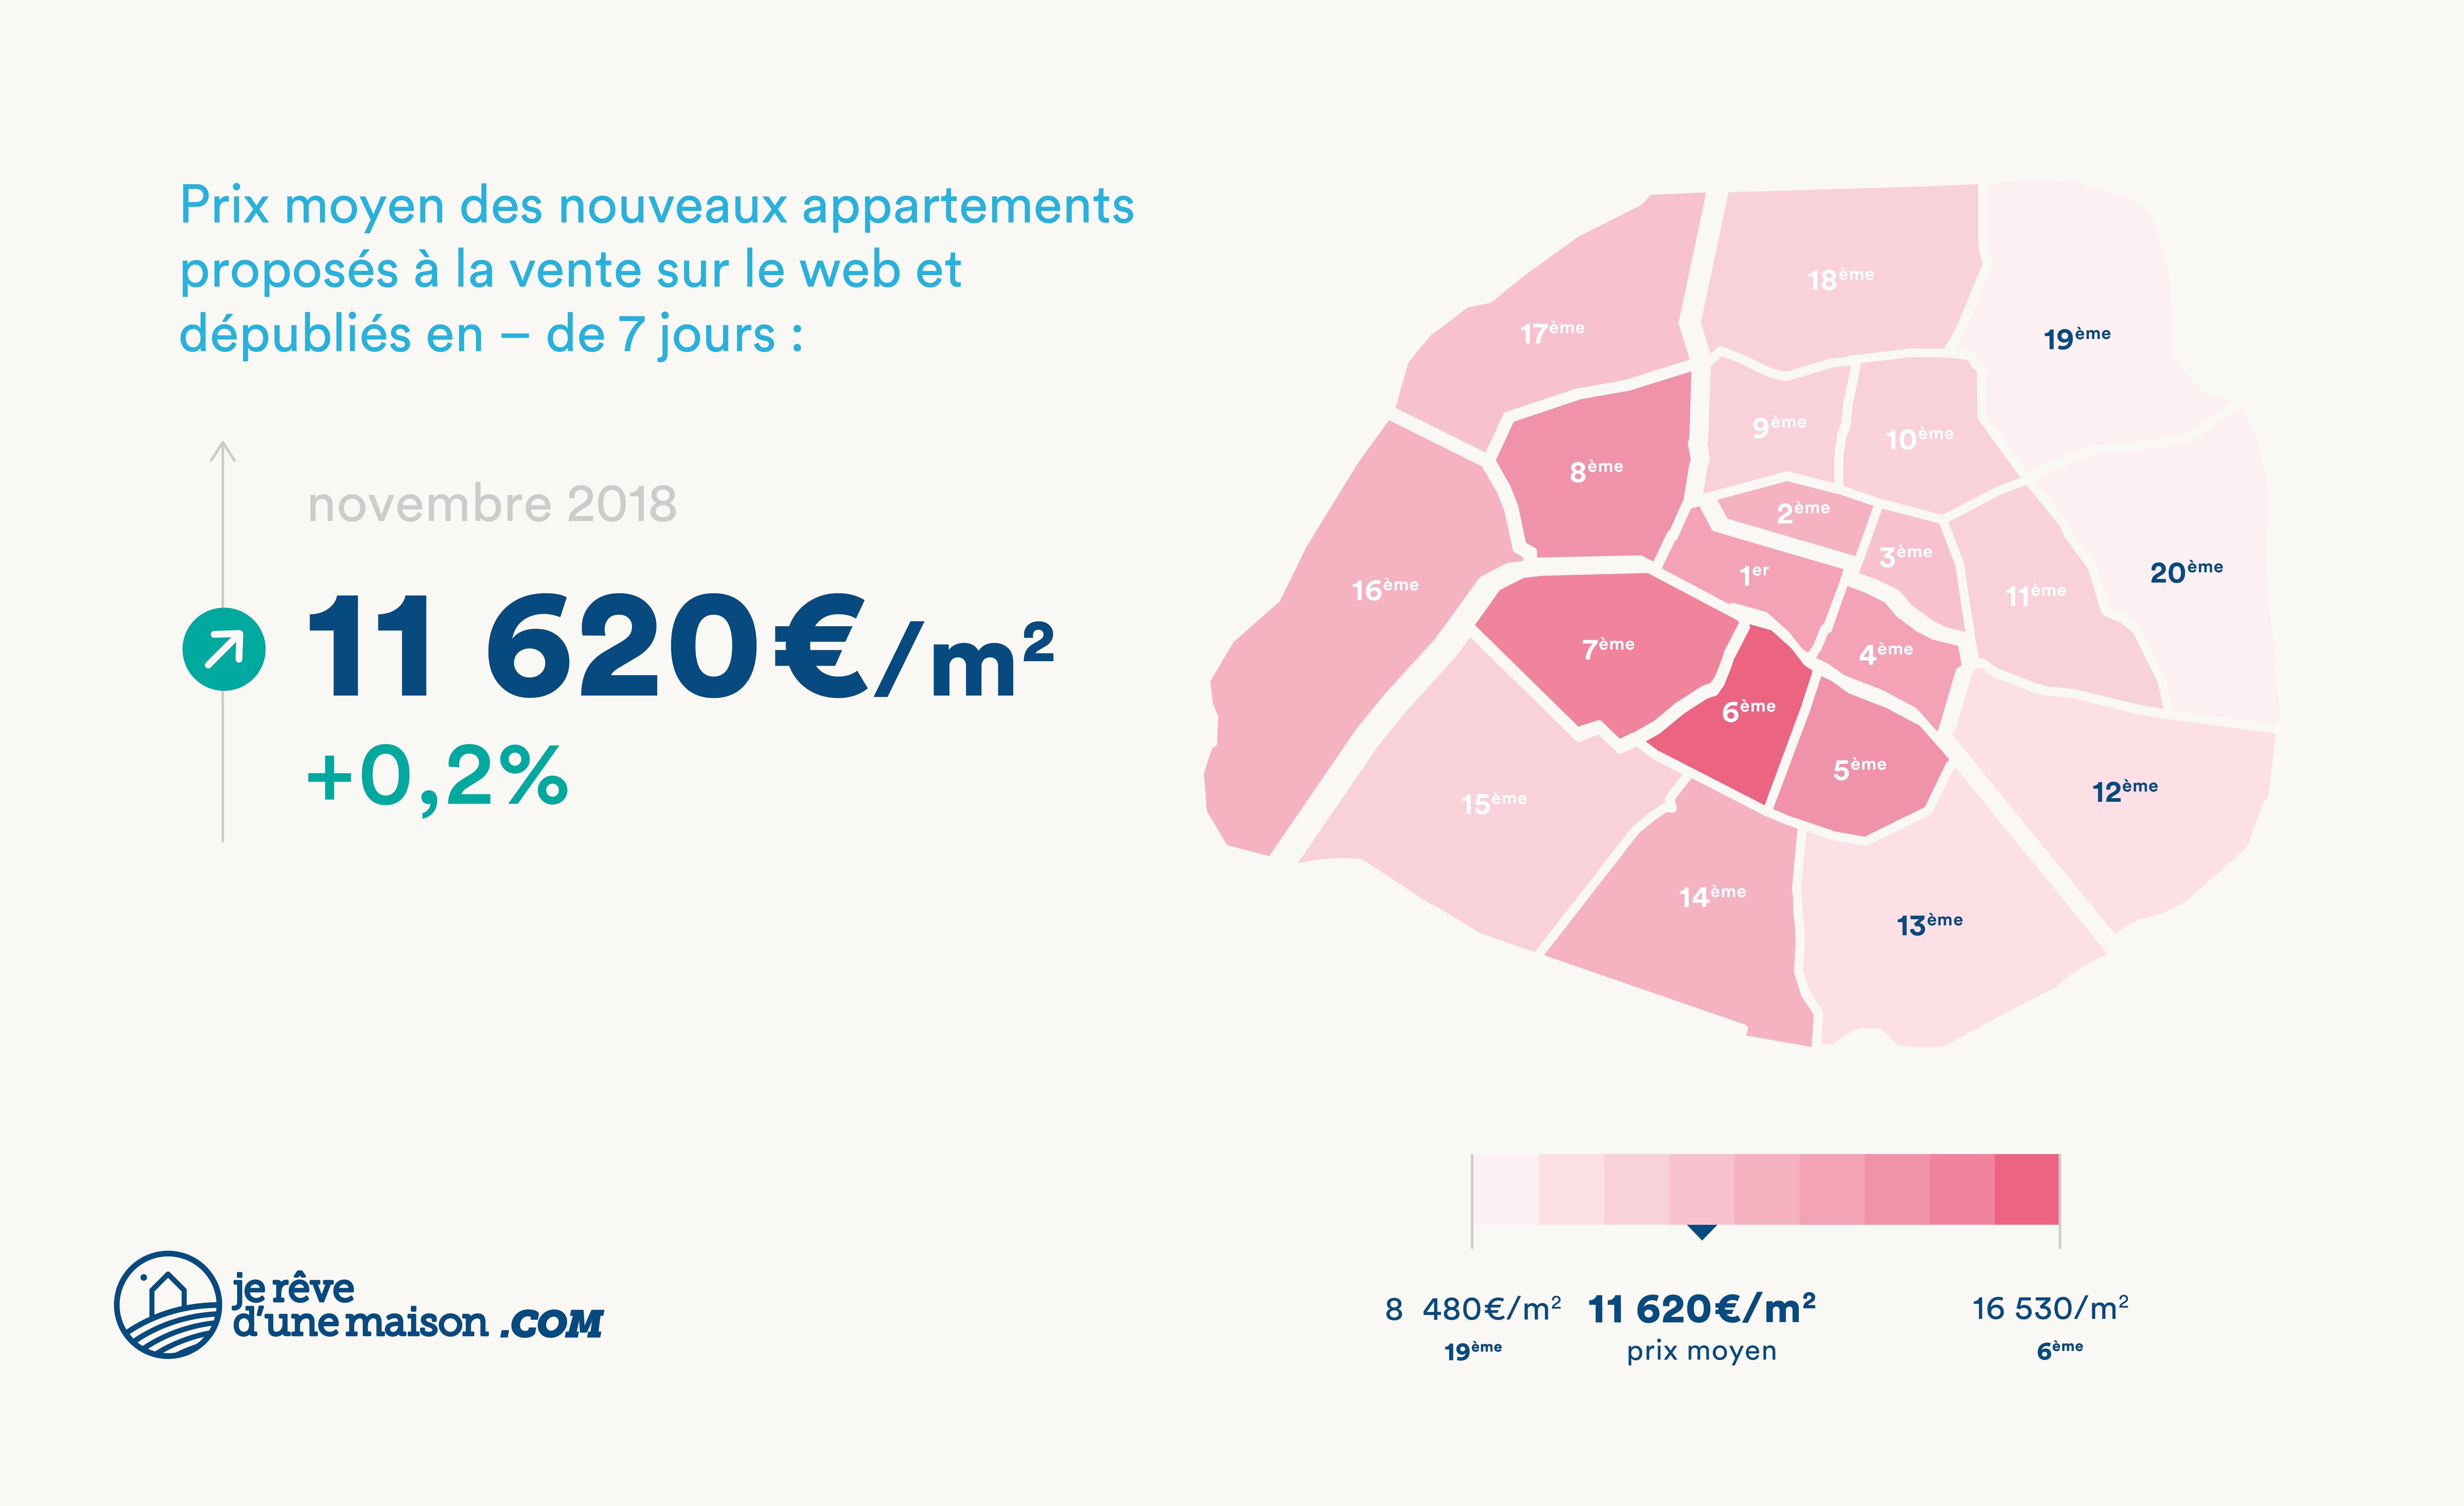 Prix moyen de nouveaux appartements proposés à la vente sur le web et dépubliés en moins de 7 jours